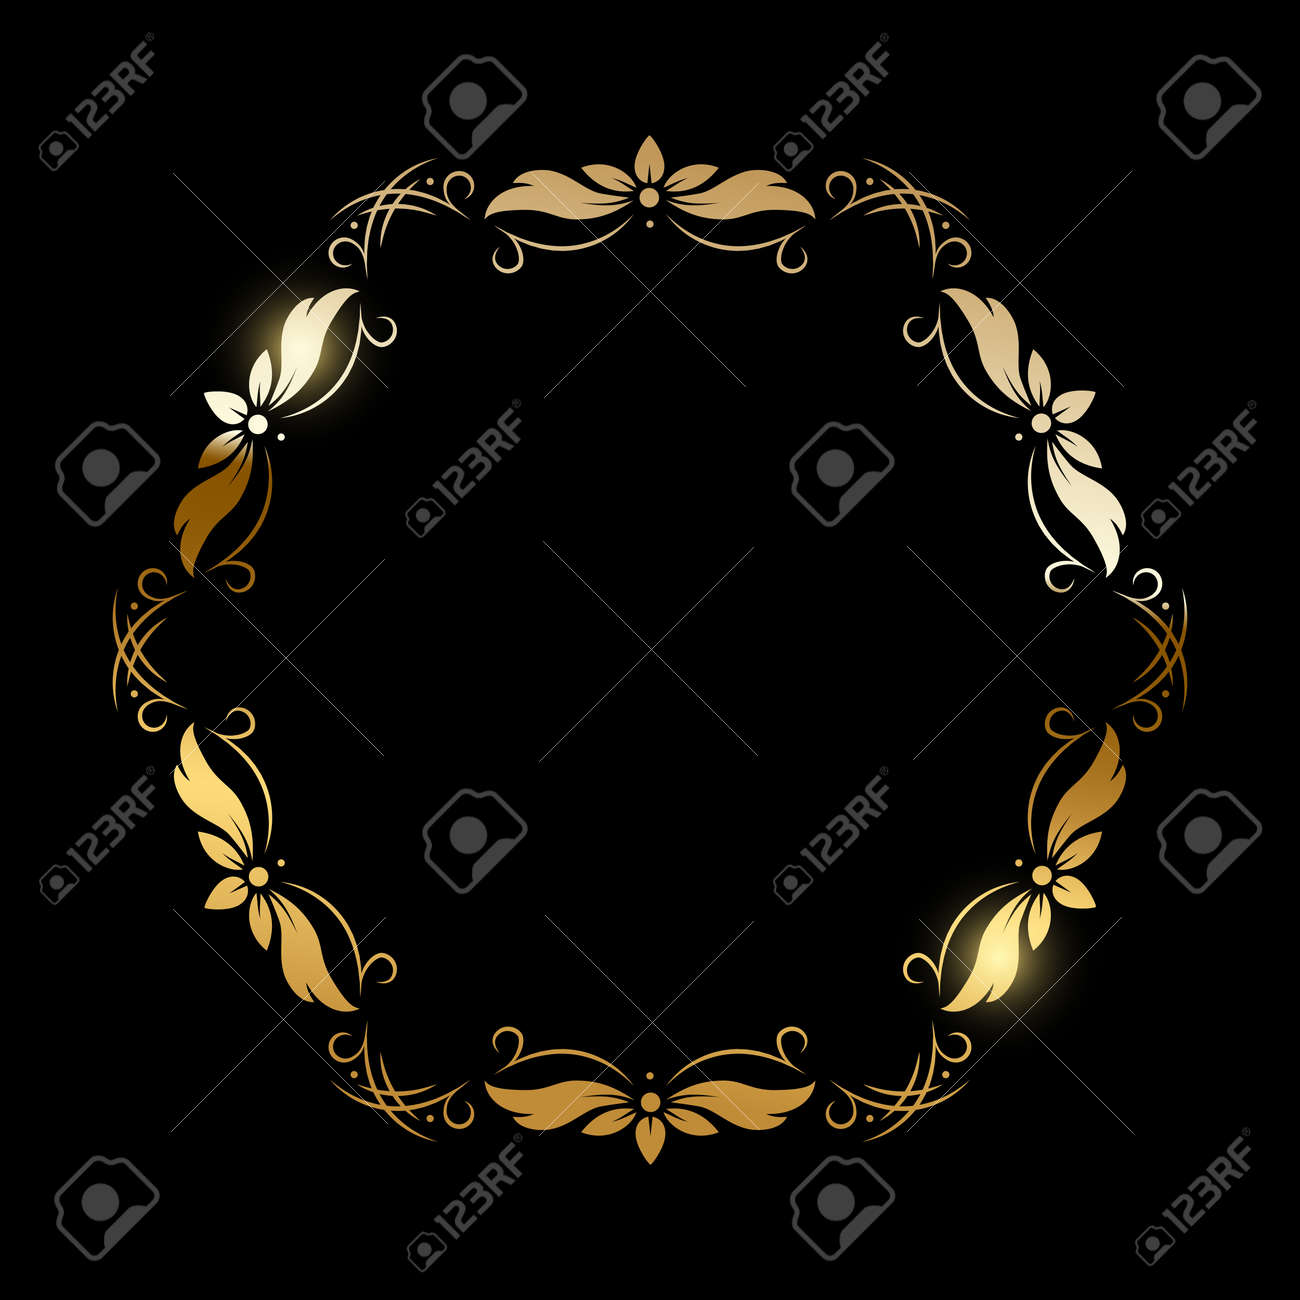 Gold flower pattern circle frame on black background. Round floral decorative golden ornament border vector illustration. Simple vintage card for wedding celebration invitation - 166646568